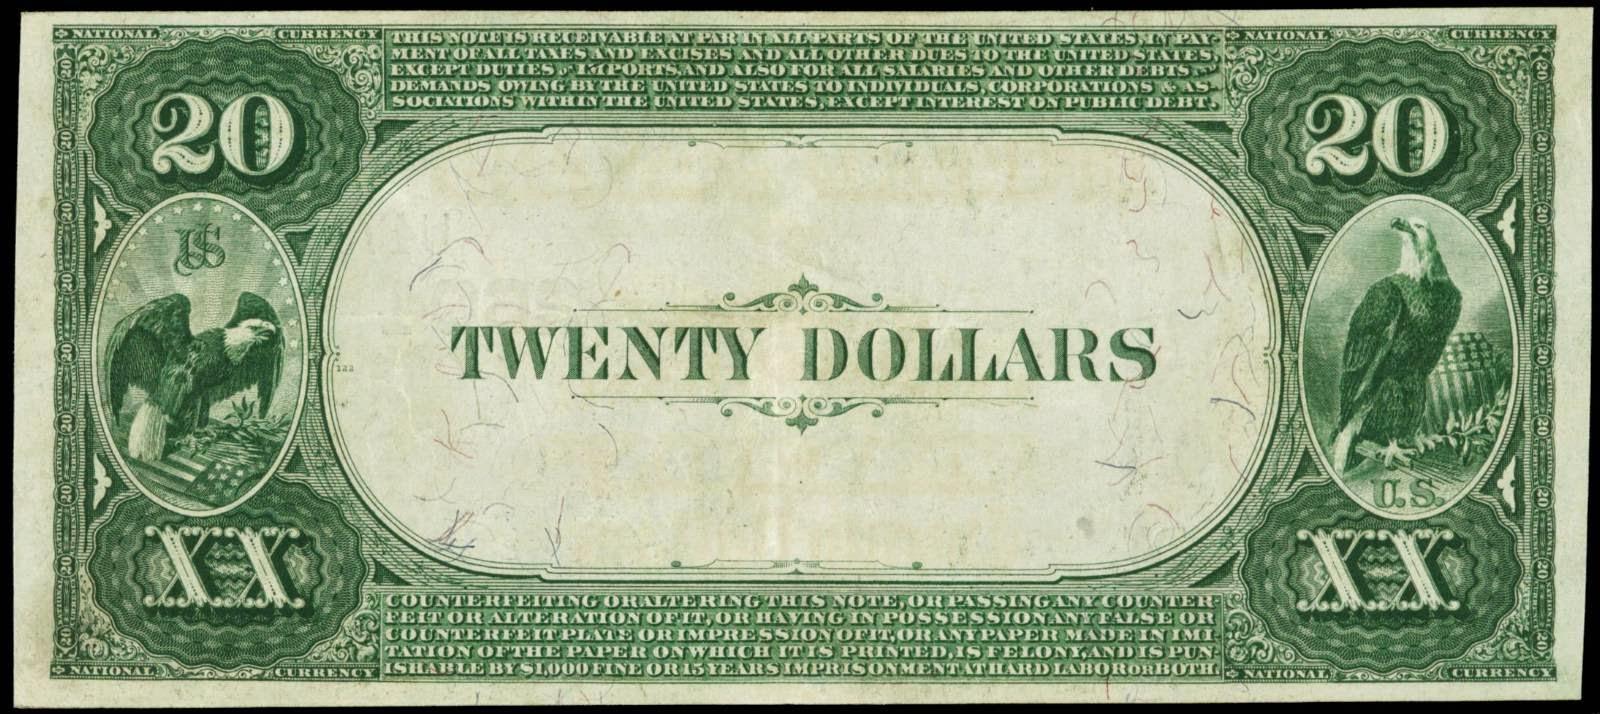 US National Currency 1882 Twenty Dollars Value Back